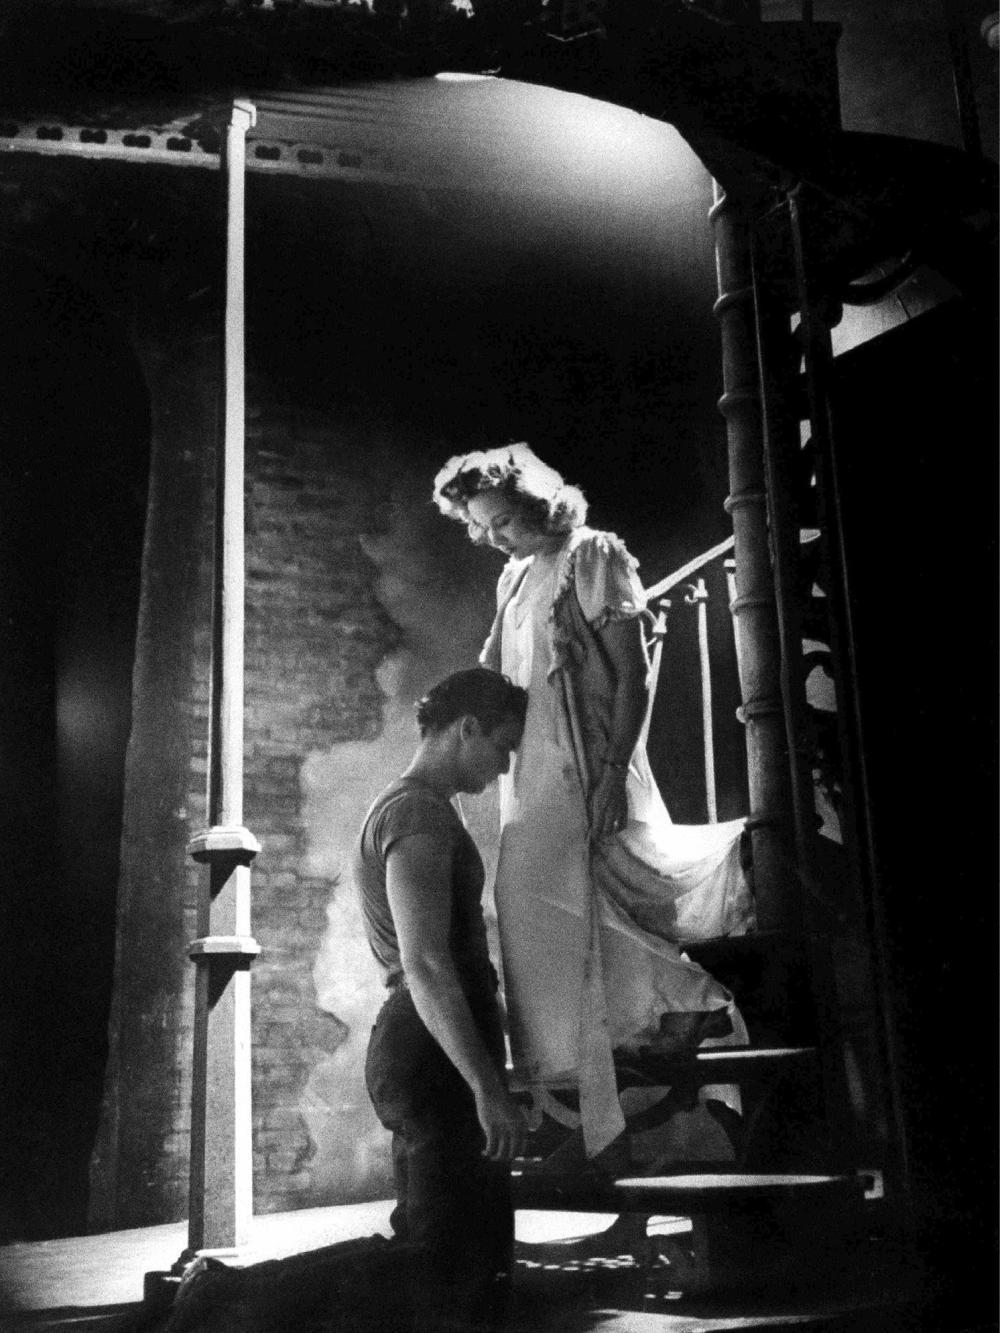 Eliot ELISOFON (1911-1973) Marlon Brando et Kim Hunter dans une scène de la